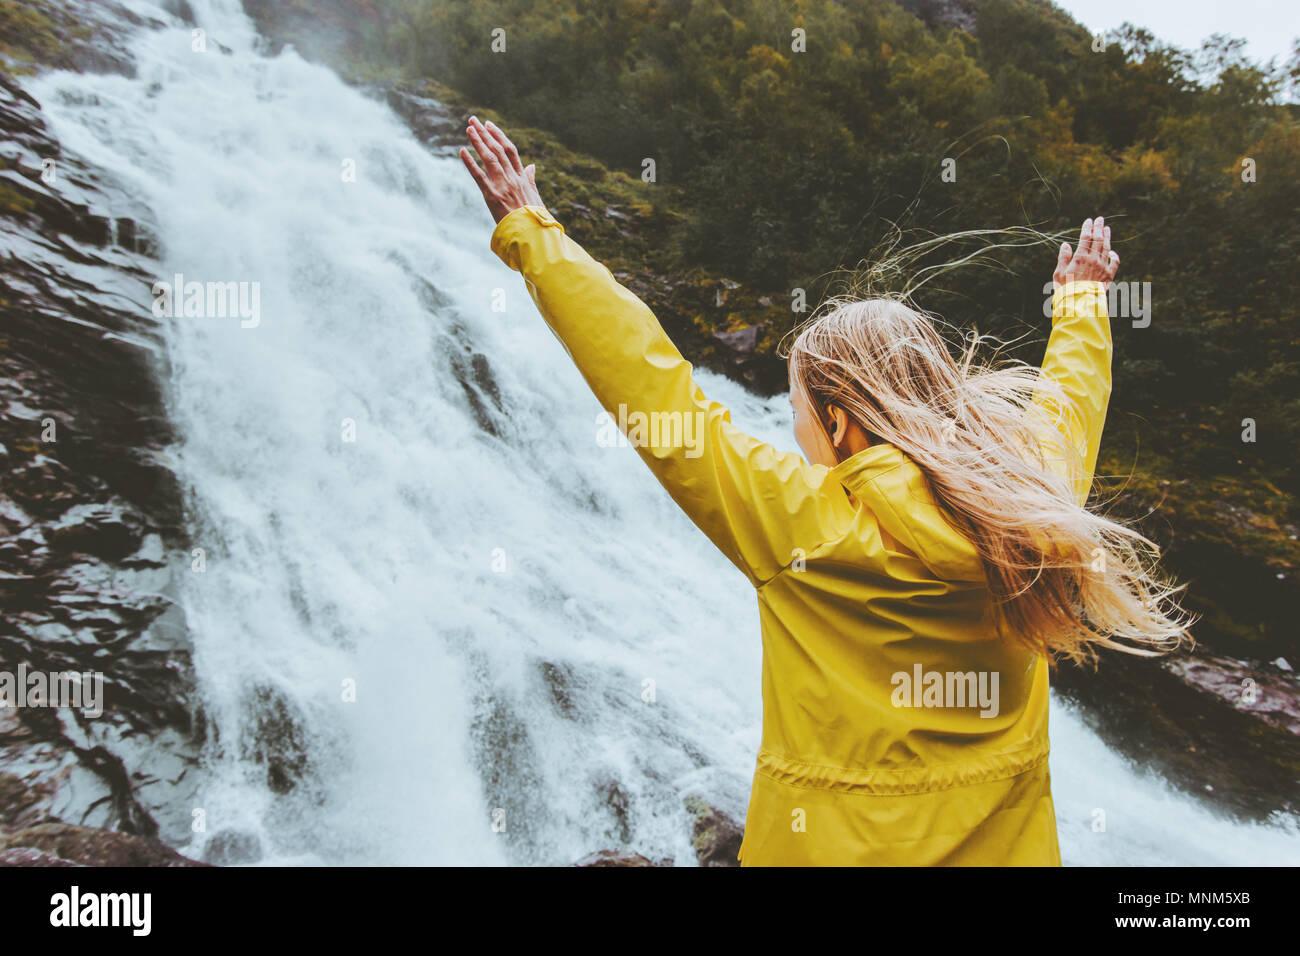 Traveler donna mani alzate godendo di una cascata paesaggio viaggiando da solo nell'avventura selvaggia in stile di vita in armonia con la natura concetto espres Immagini Stock